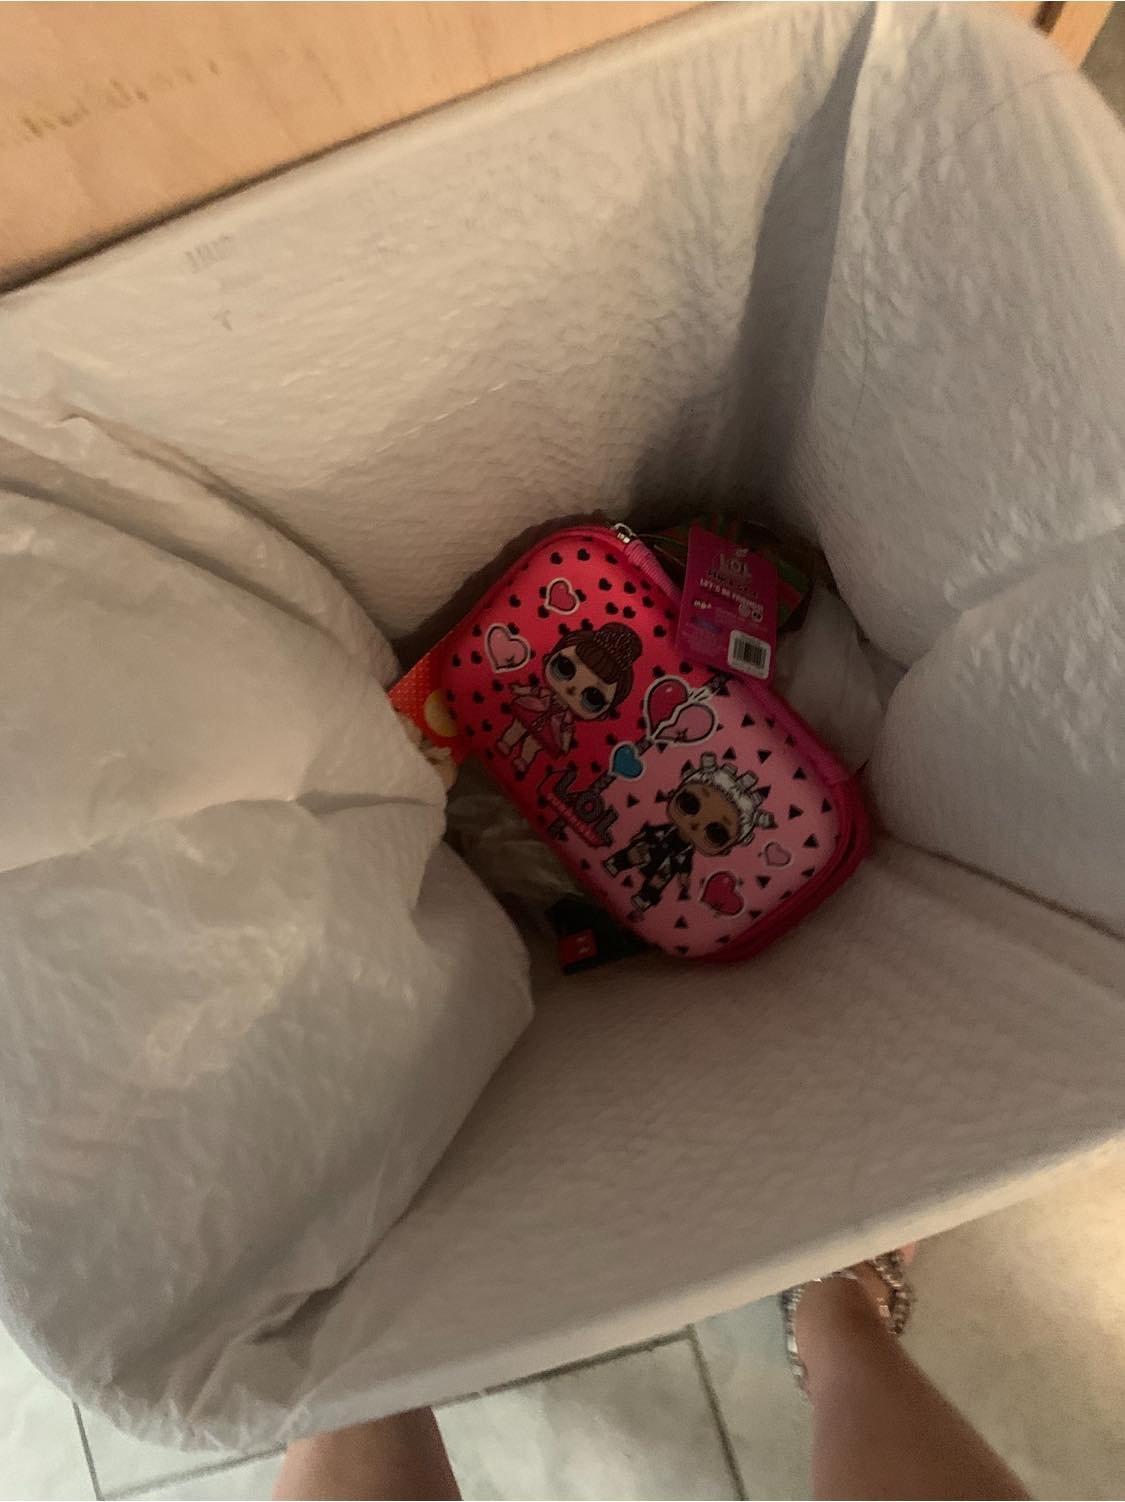 piórnik w koszu na śmieci